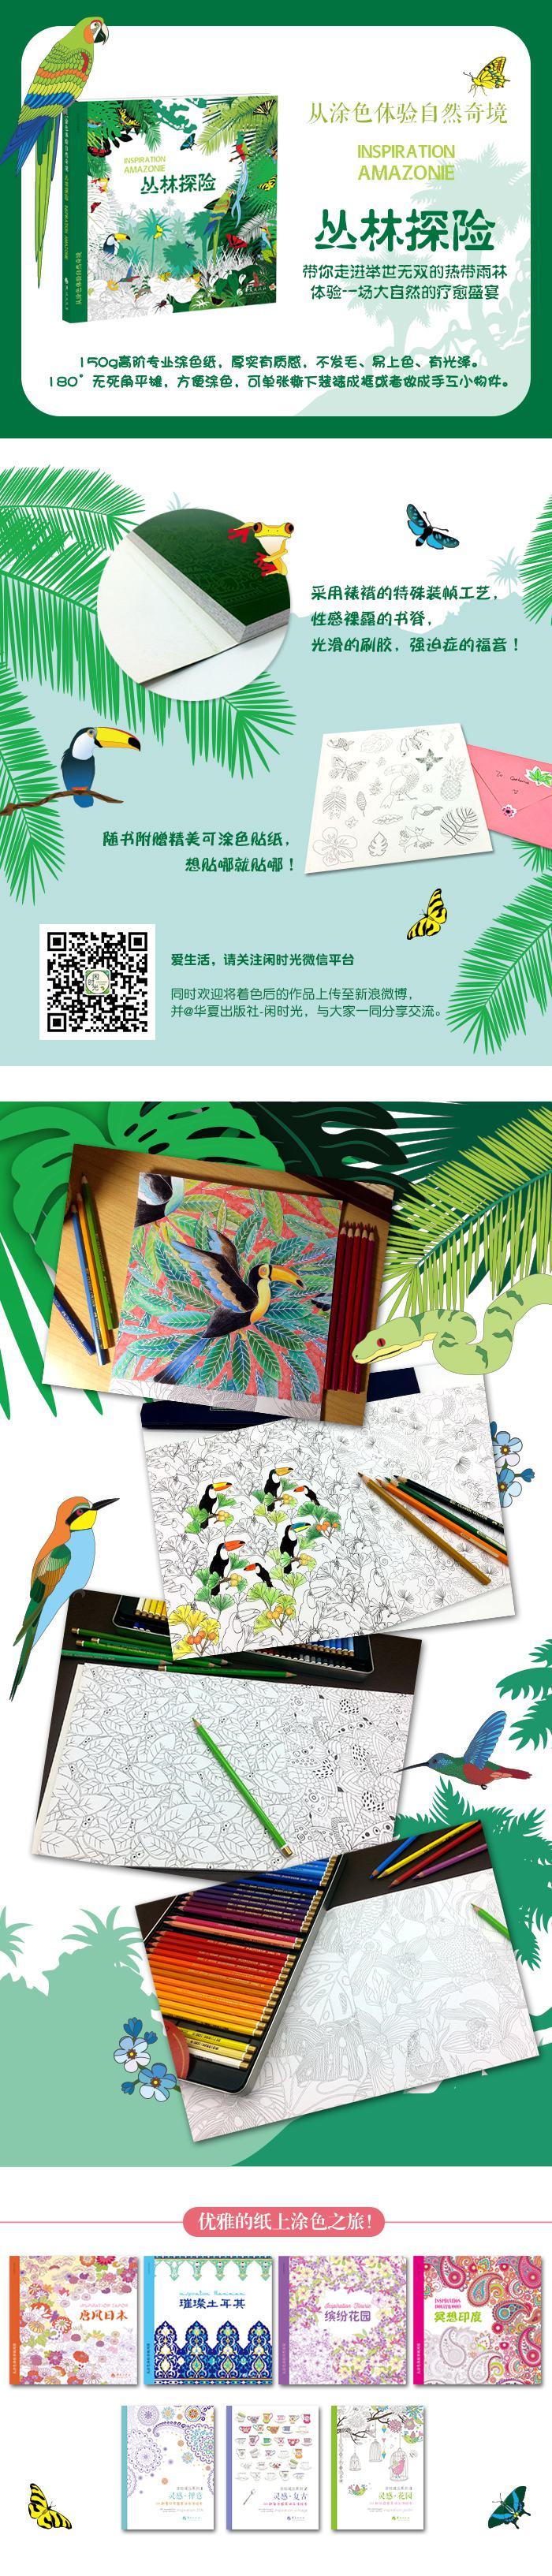 《从涂色体验自然奇境:丛林探险》(伊莎贝尔热志.)